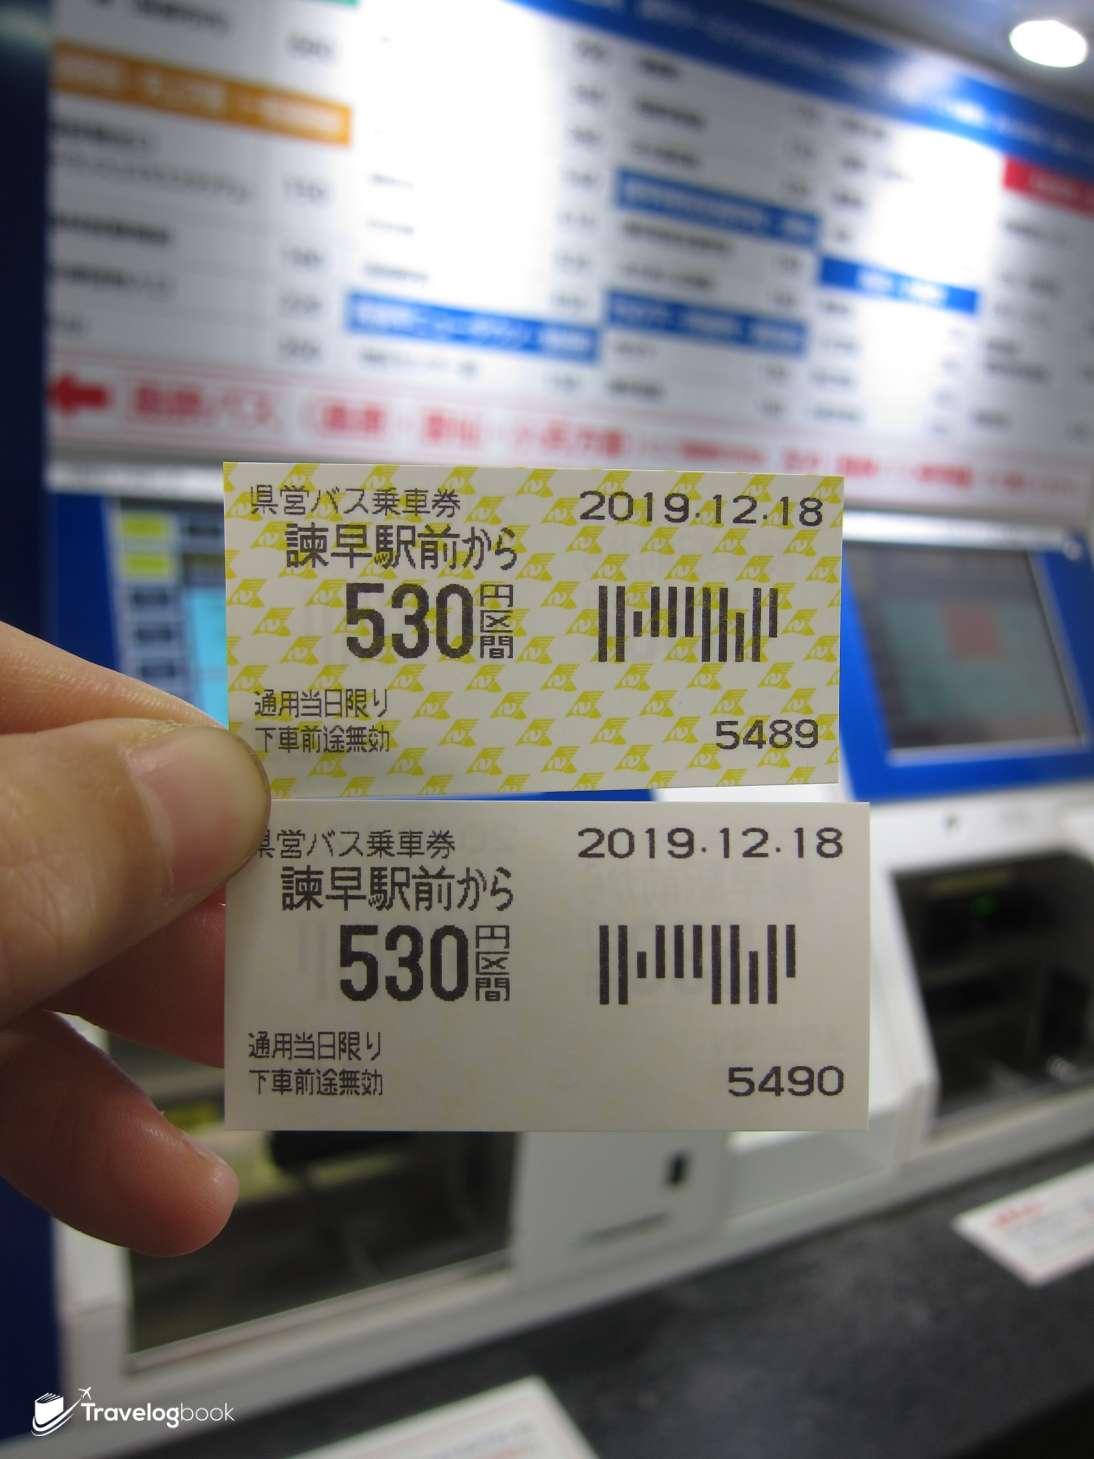 乘搭「縣界」方向的巴士前往「長里」,單程530日圓。